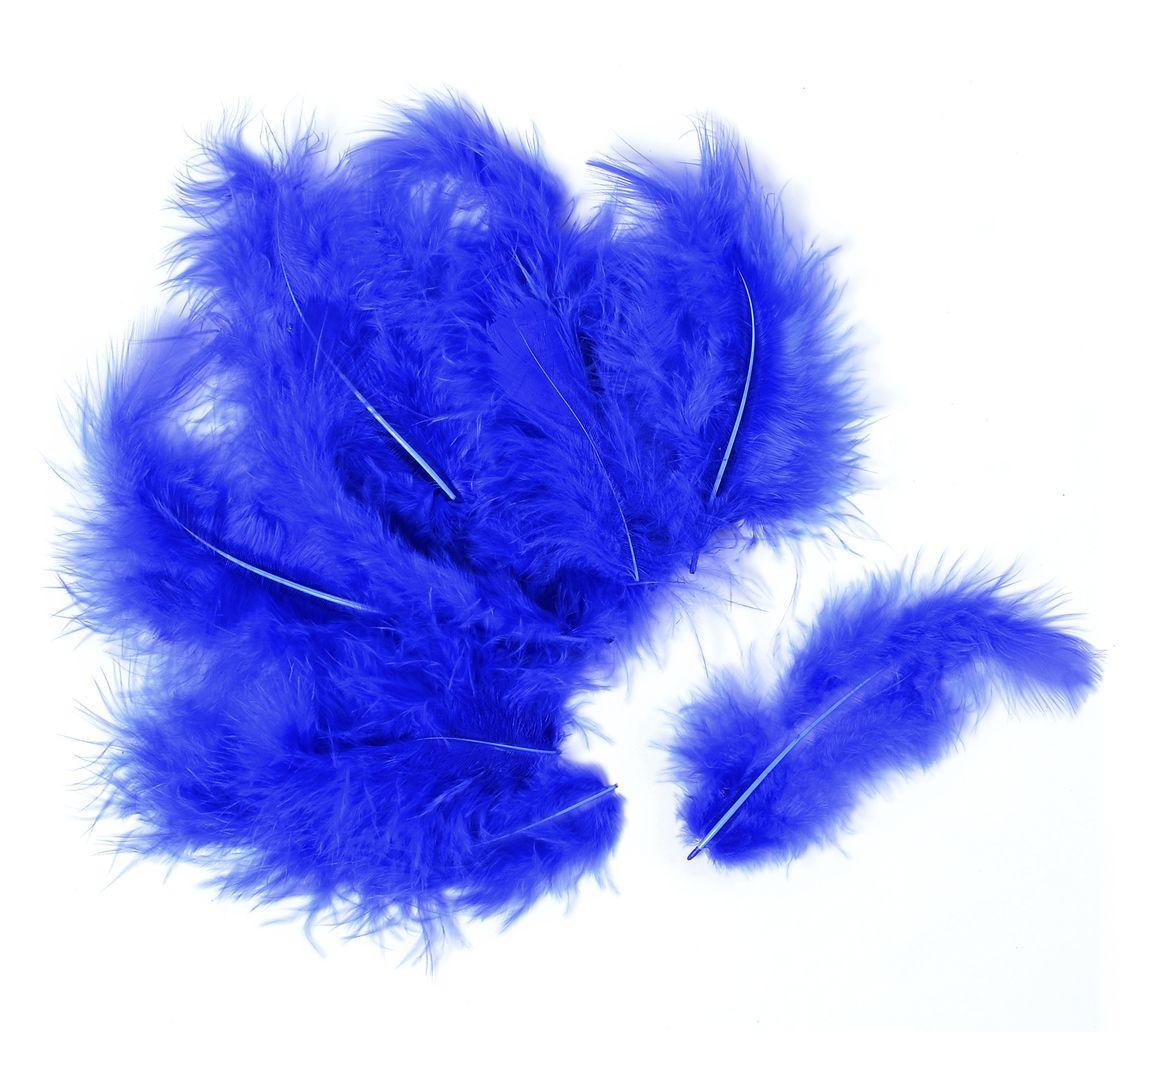 VBS Marabufedern, ca. 15 Stück - Blau